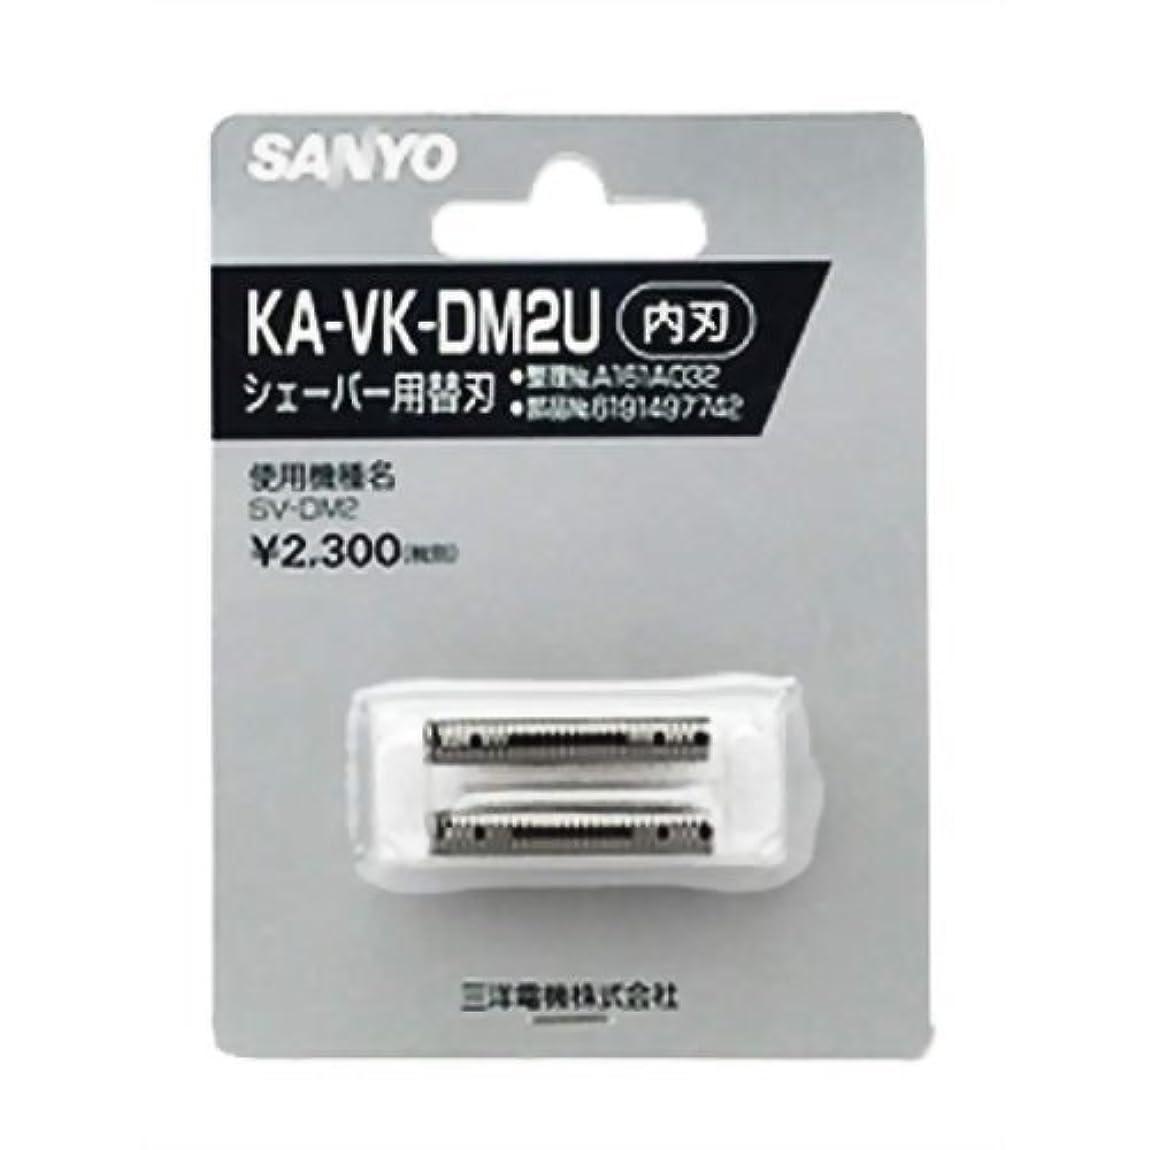 アサーラップトップトラフSANYO (サンヨー) KA-VK-DM2U シェーバー替刃 (内刃)